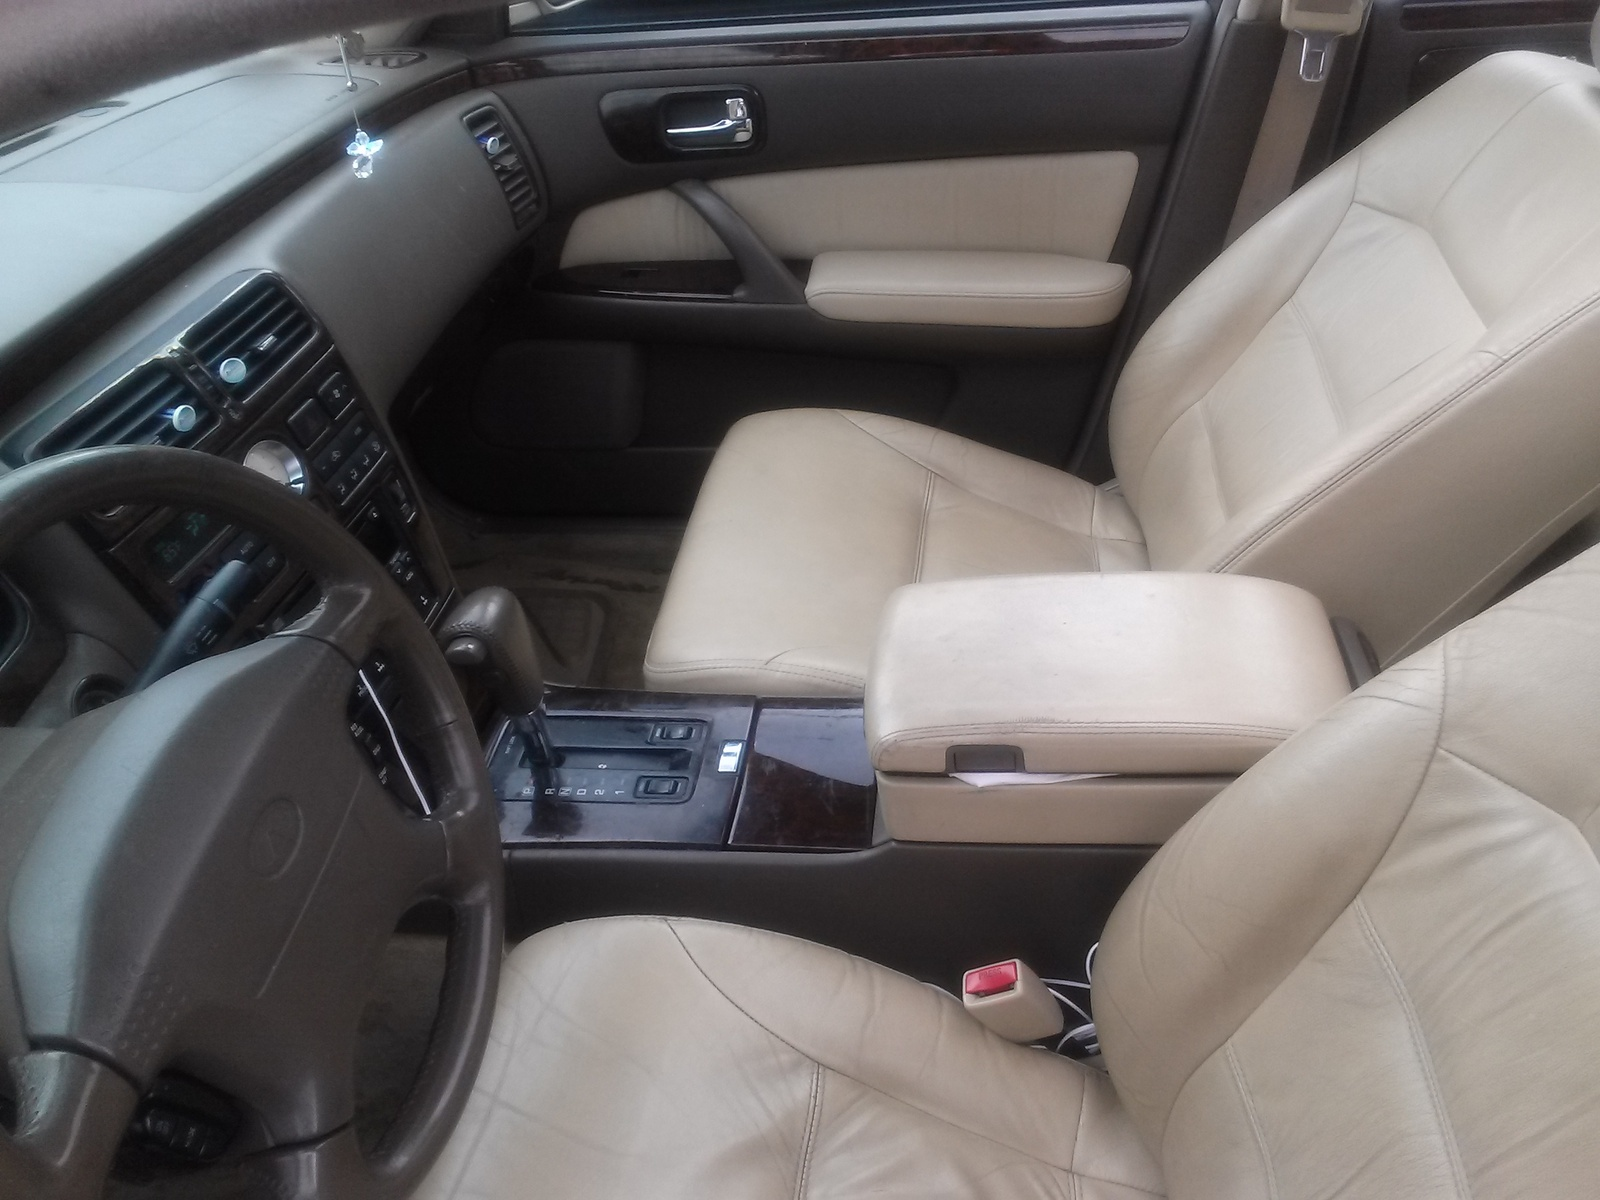 Picture of 1999 infiniti q45 4 dr std sedan interior